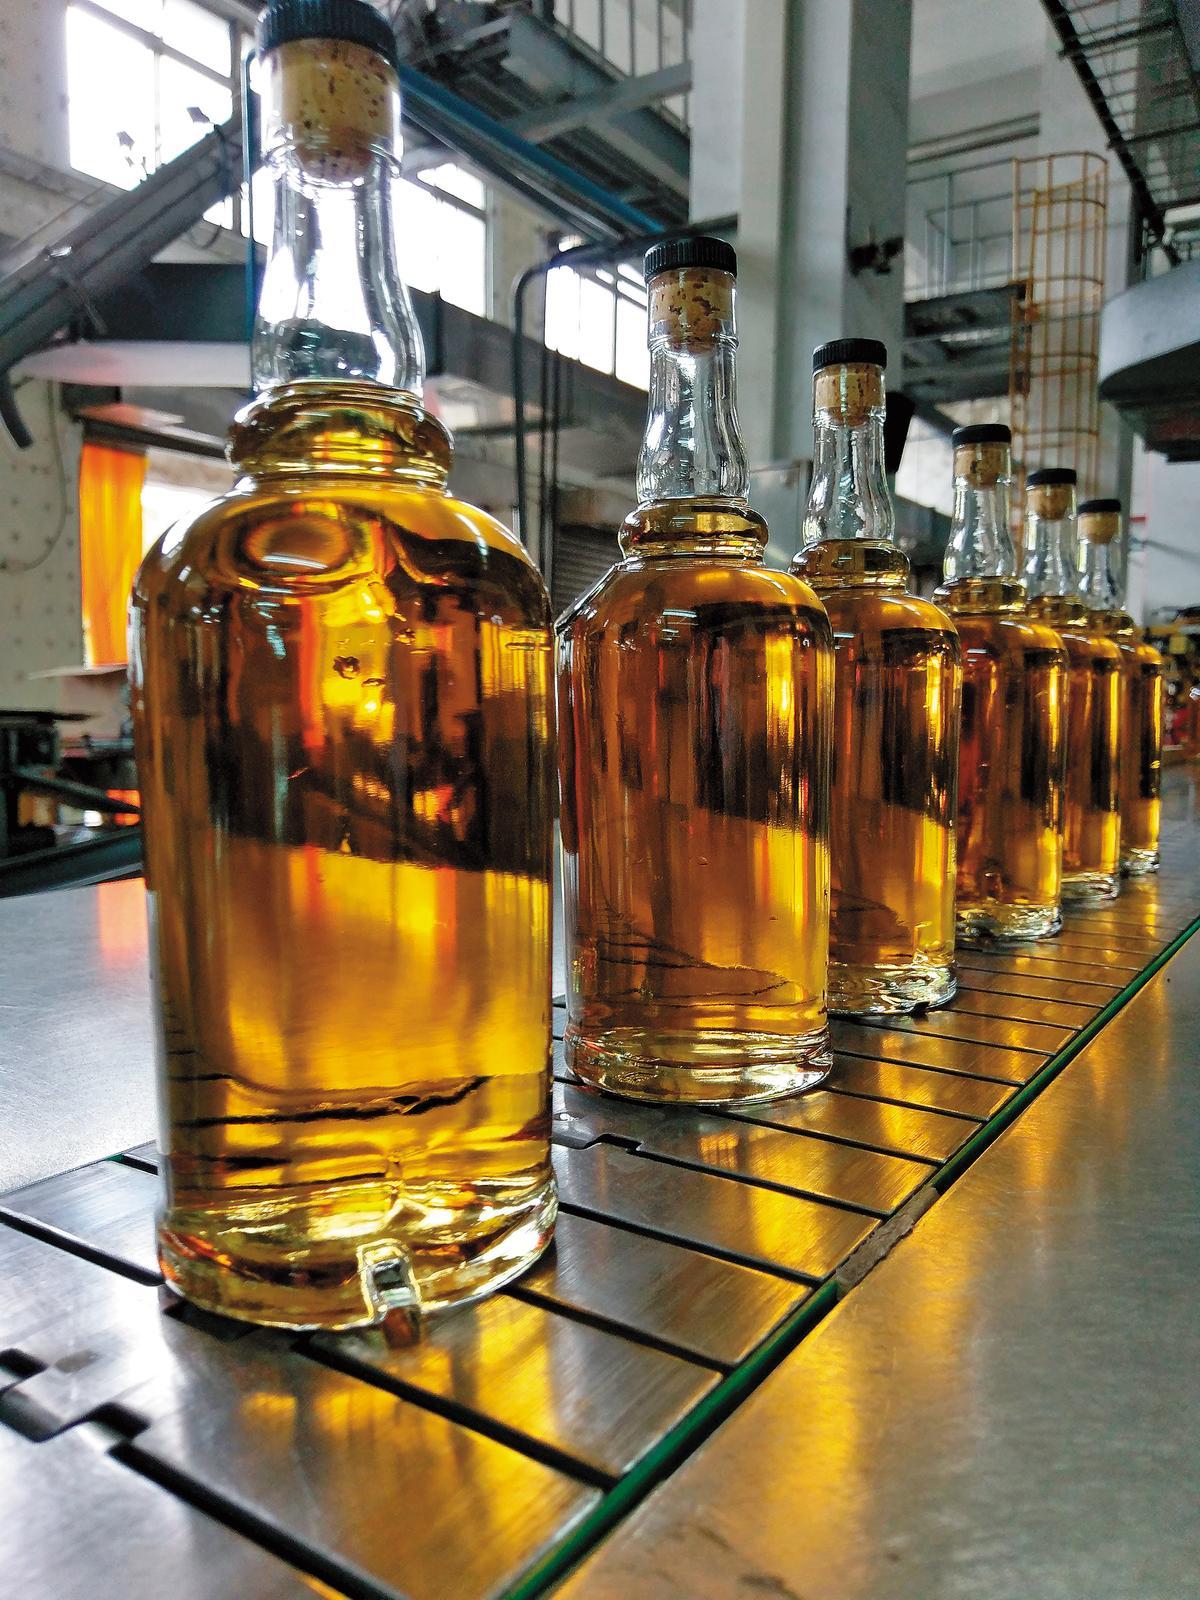 當酒液熟成達到至臻完美時,就是裝瓶時刻,簡單過濾不加水裝瓶就是原桶強度版,或於裝瓶前稀釋酒精濃度成普通版,全都要在生產線檢驗酒色。